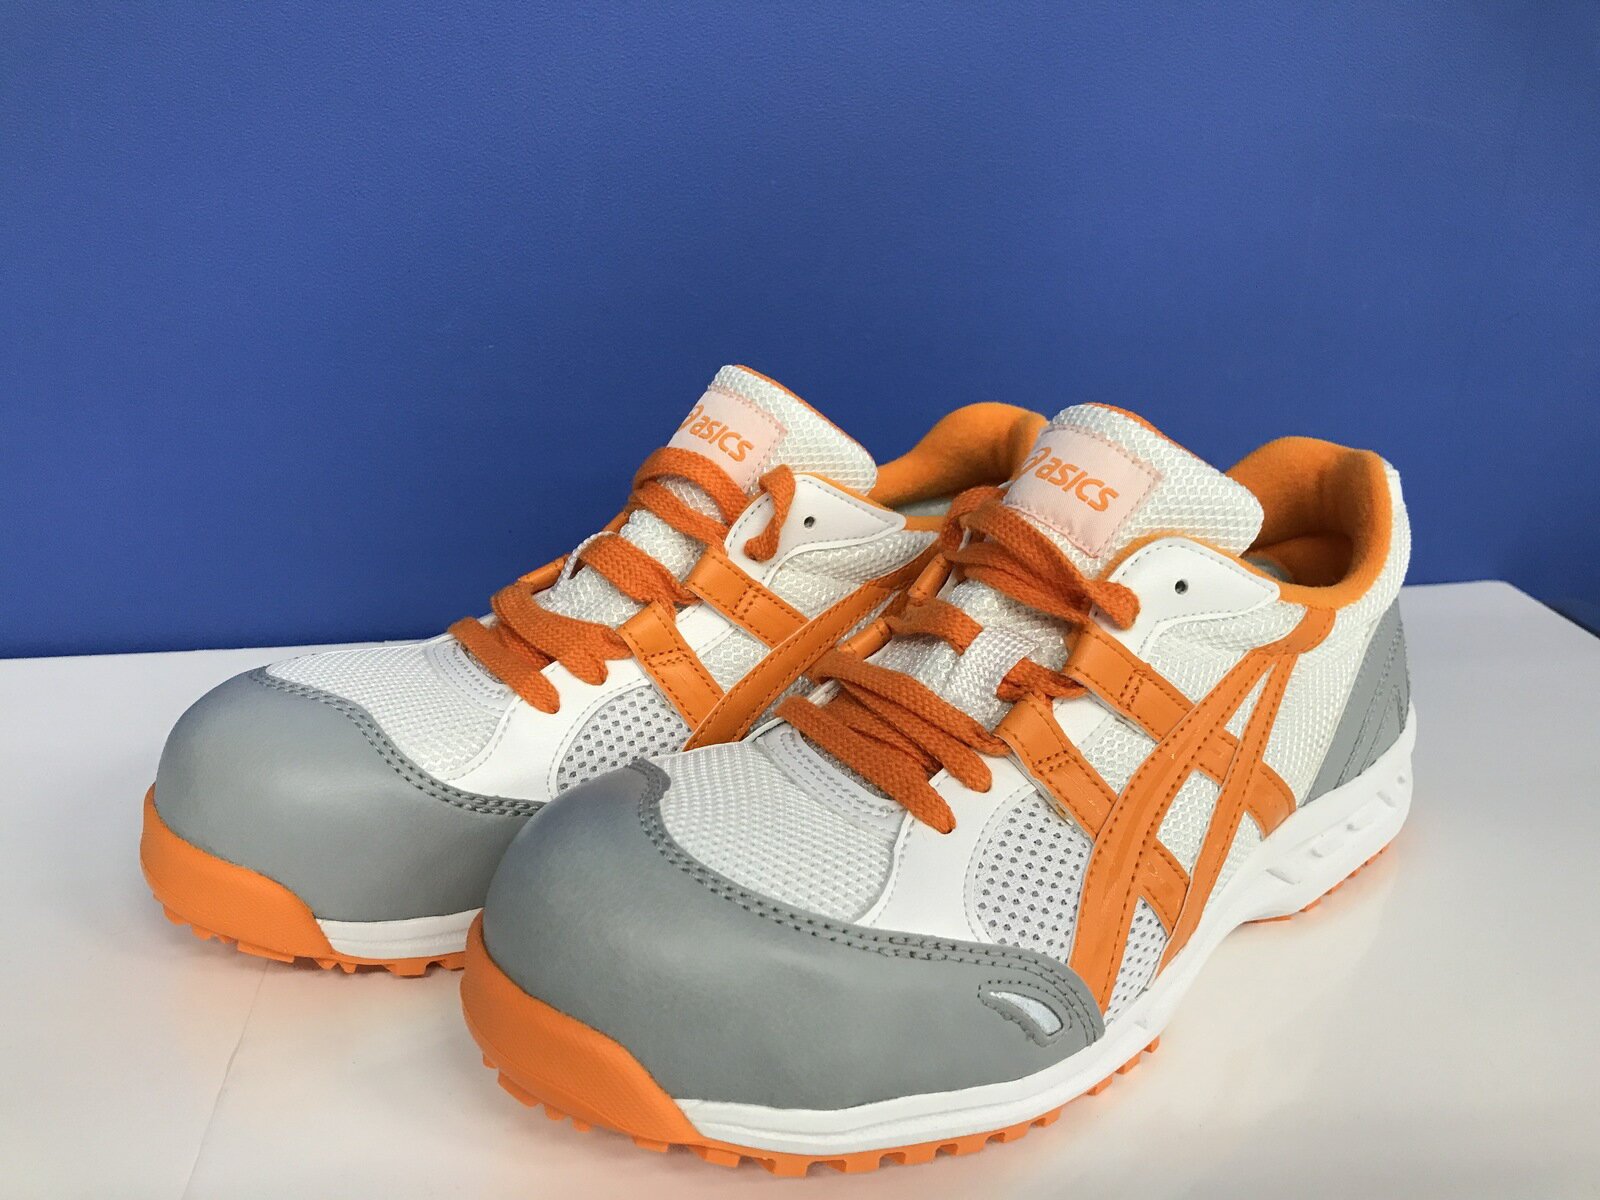 ※送料無料 アシックス 安全スニーカー 作業靴 品番 FIS33L カラー 0109 ホワイト オレンジ色 カラー2393 レッド色